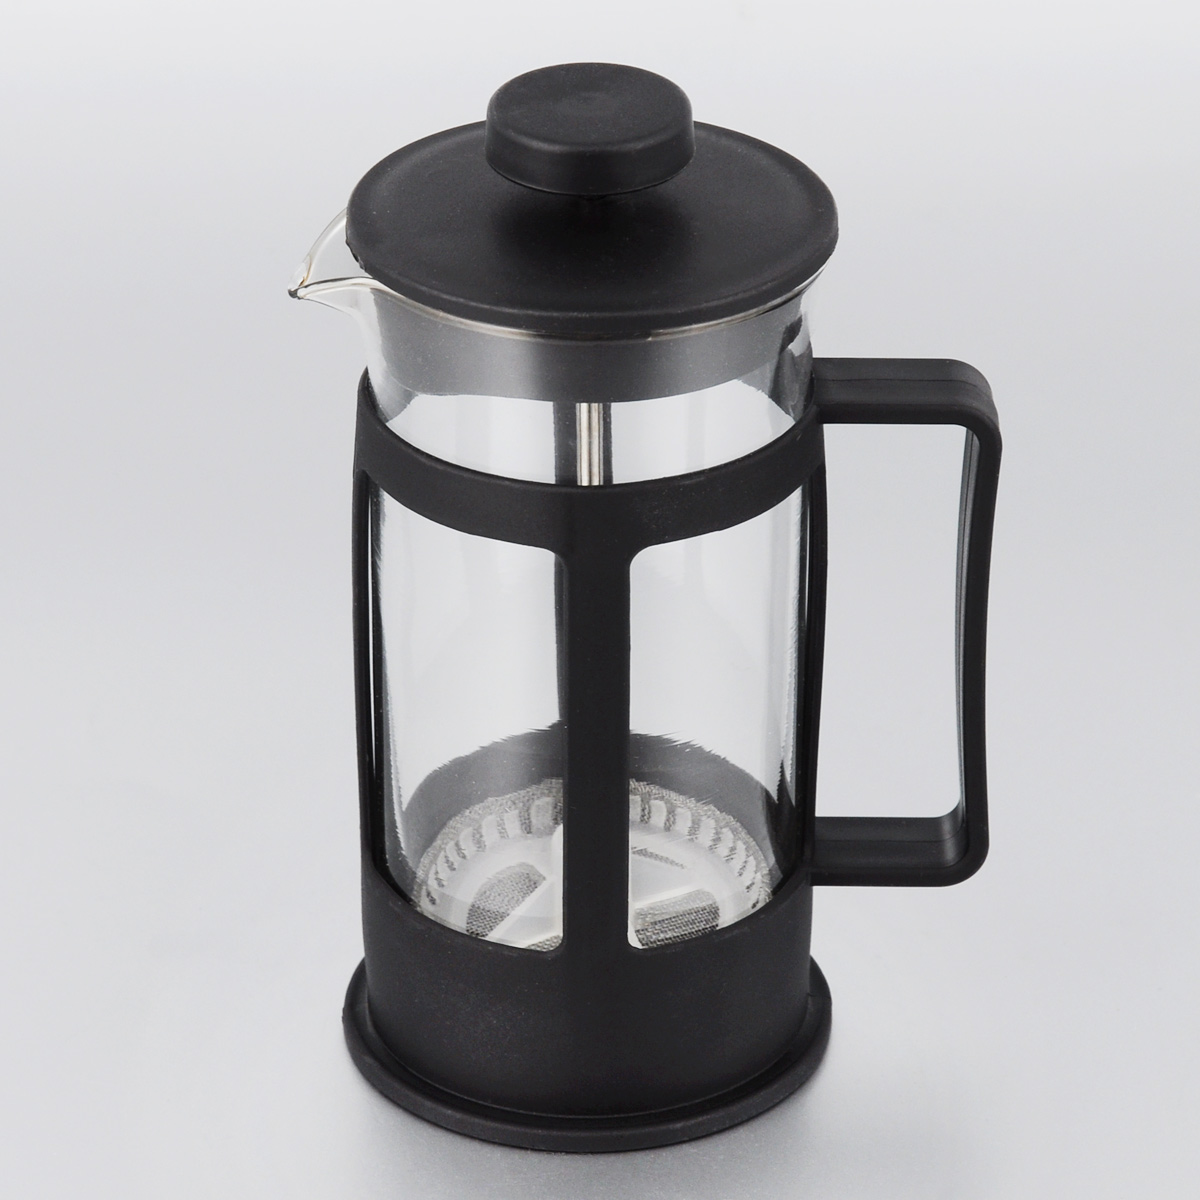 Френч-пресс МФК-профит, цвет: черный, 300 мл115510Френч-пресс МФК-профит поможет приготовить вкусный и ароматный чай или кофе. Корпус выполнен из высококачественного термостойкого пластика, а колба - из жаропрочного боросиликатного стекла. Чайник снабжен фильтром из метала с пластиковым элементом и удобной ручкой. Не рекомендуется использовать в посудомоечной машине и в микроволновой печи. Диаметр (по верхнему краю): 7 см. Высота чайника (без учета крышки): 14 см.